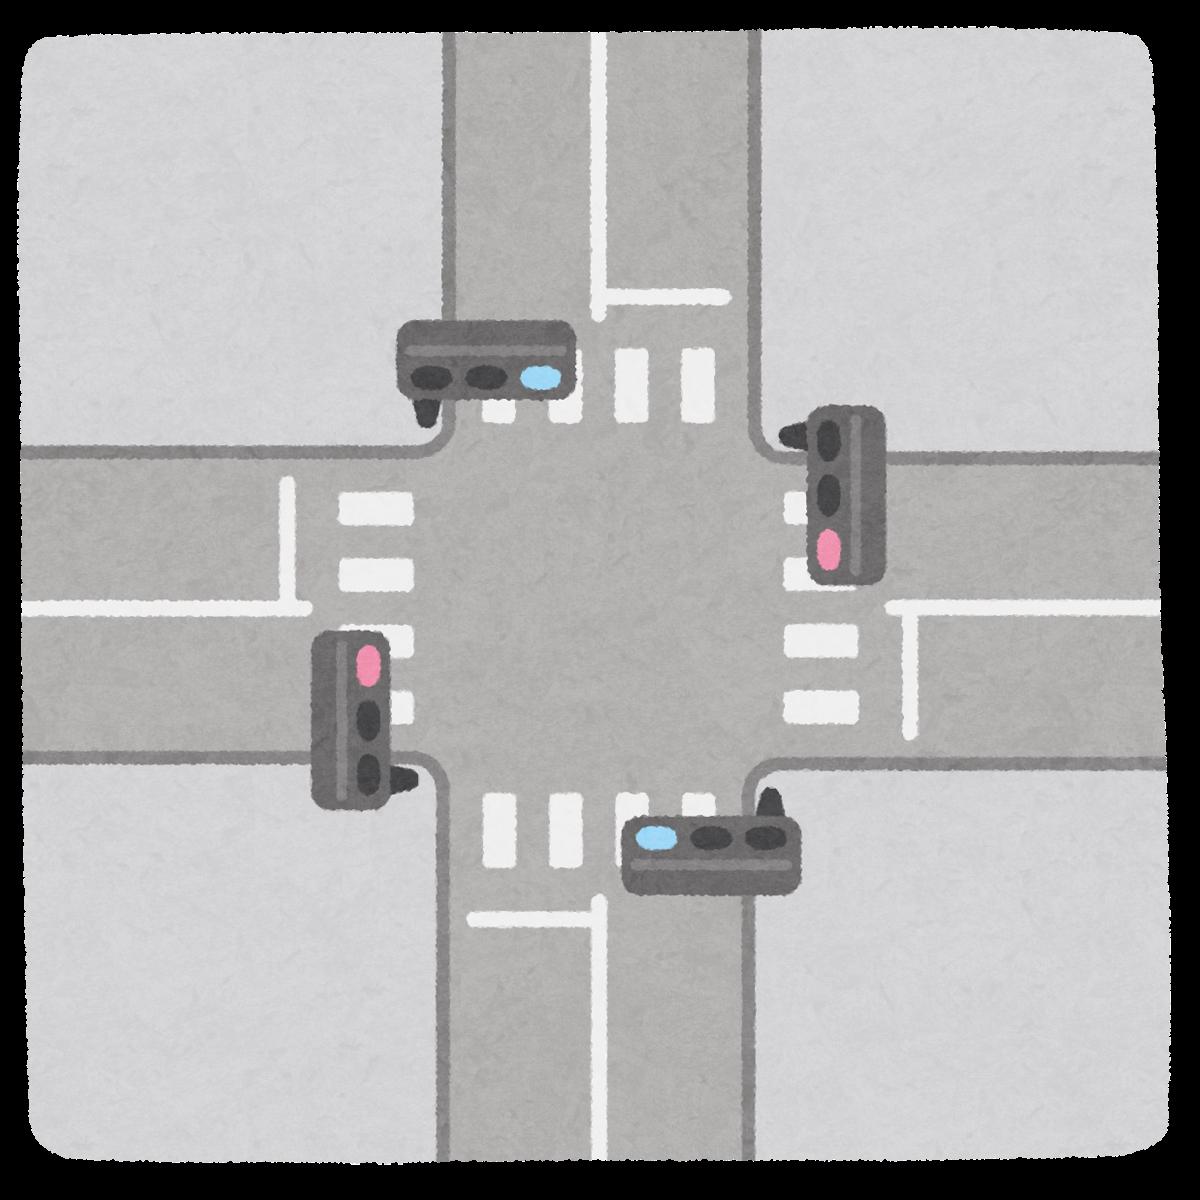 十字路の信号